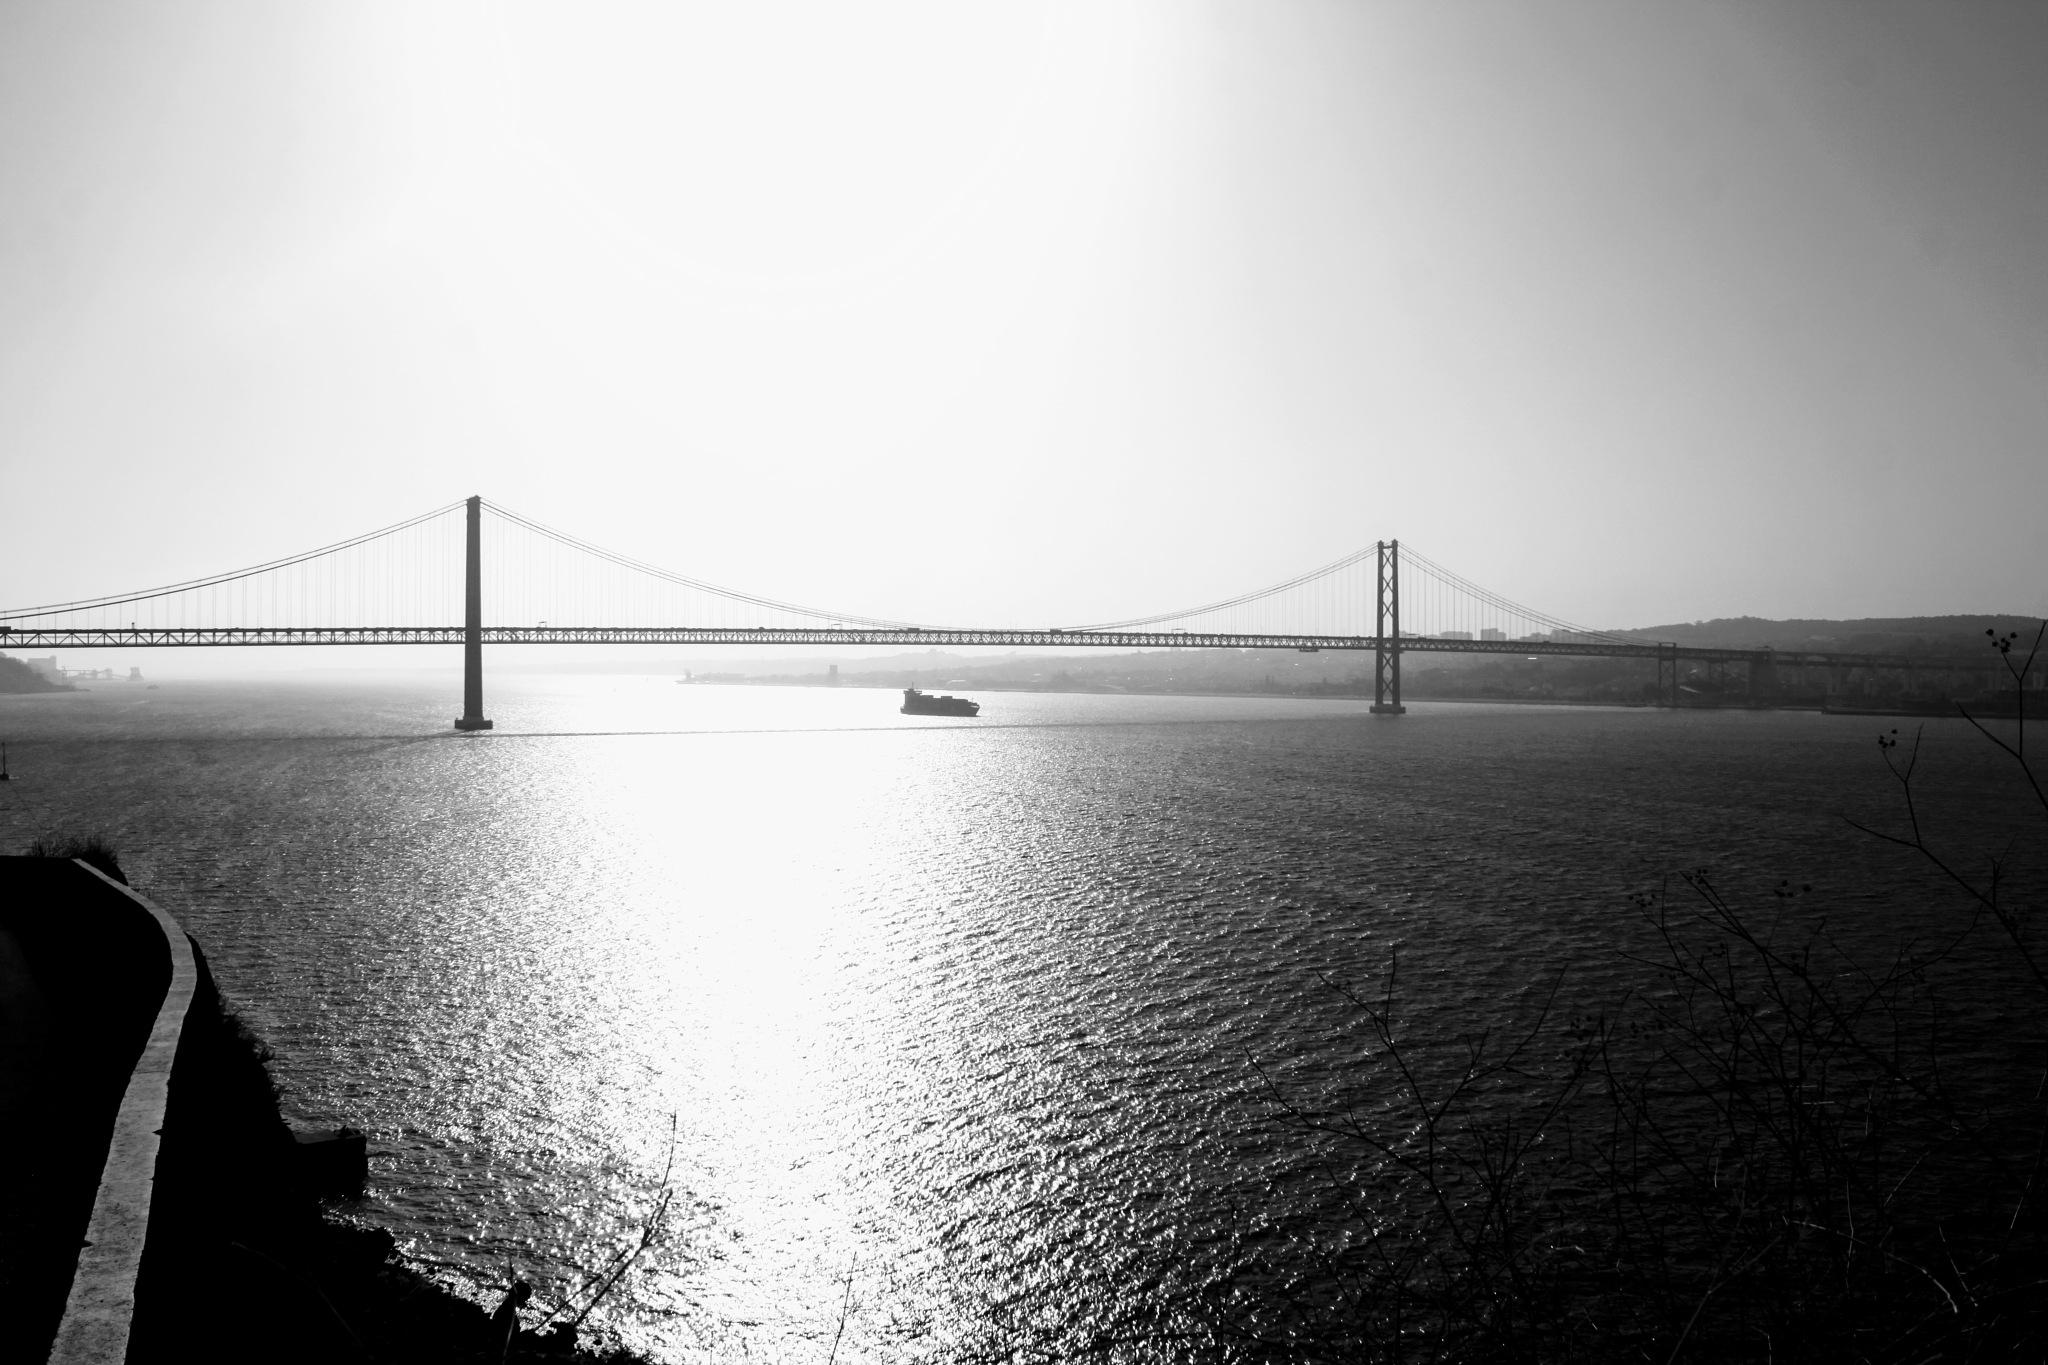 Lisbon by Joao Caldini